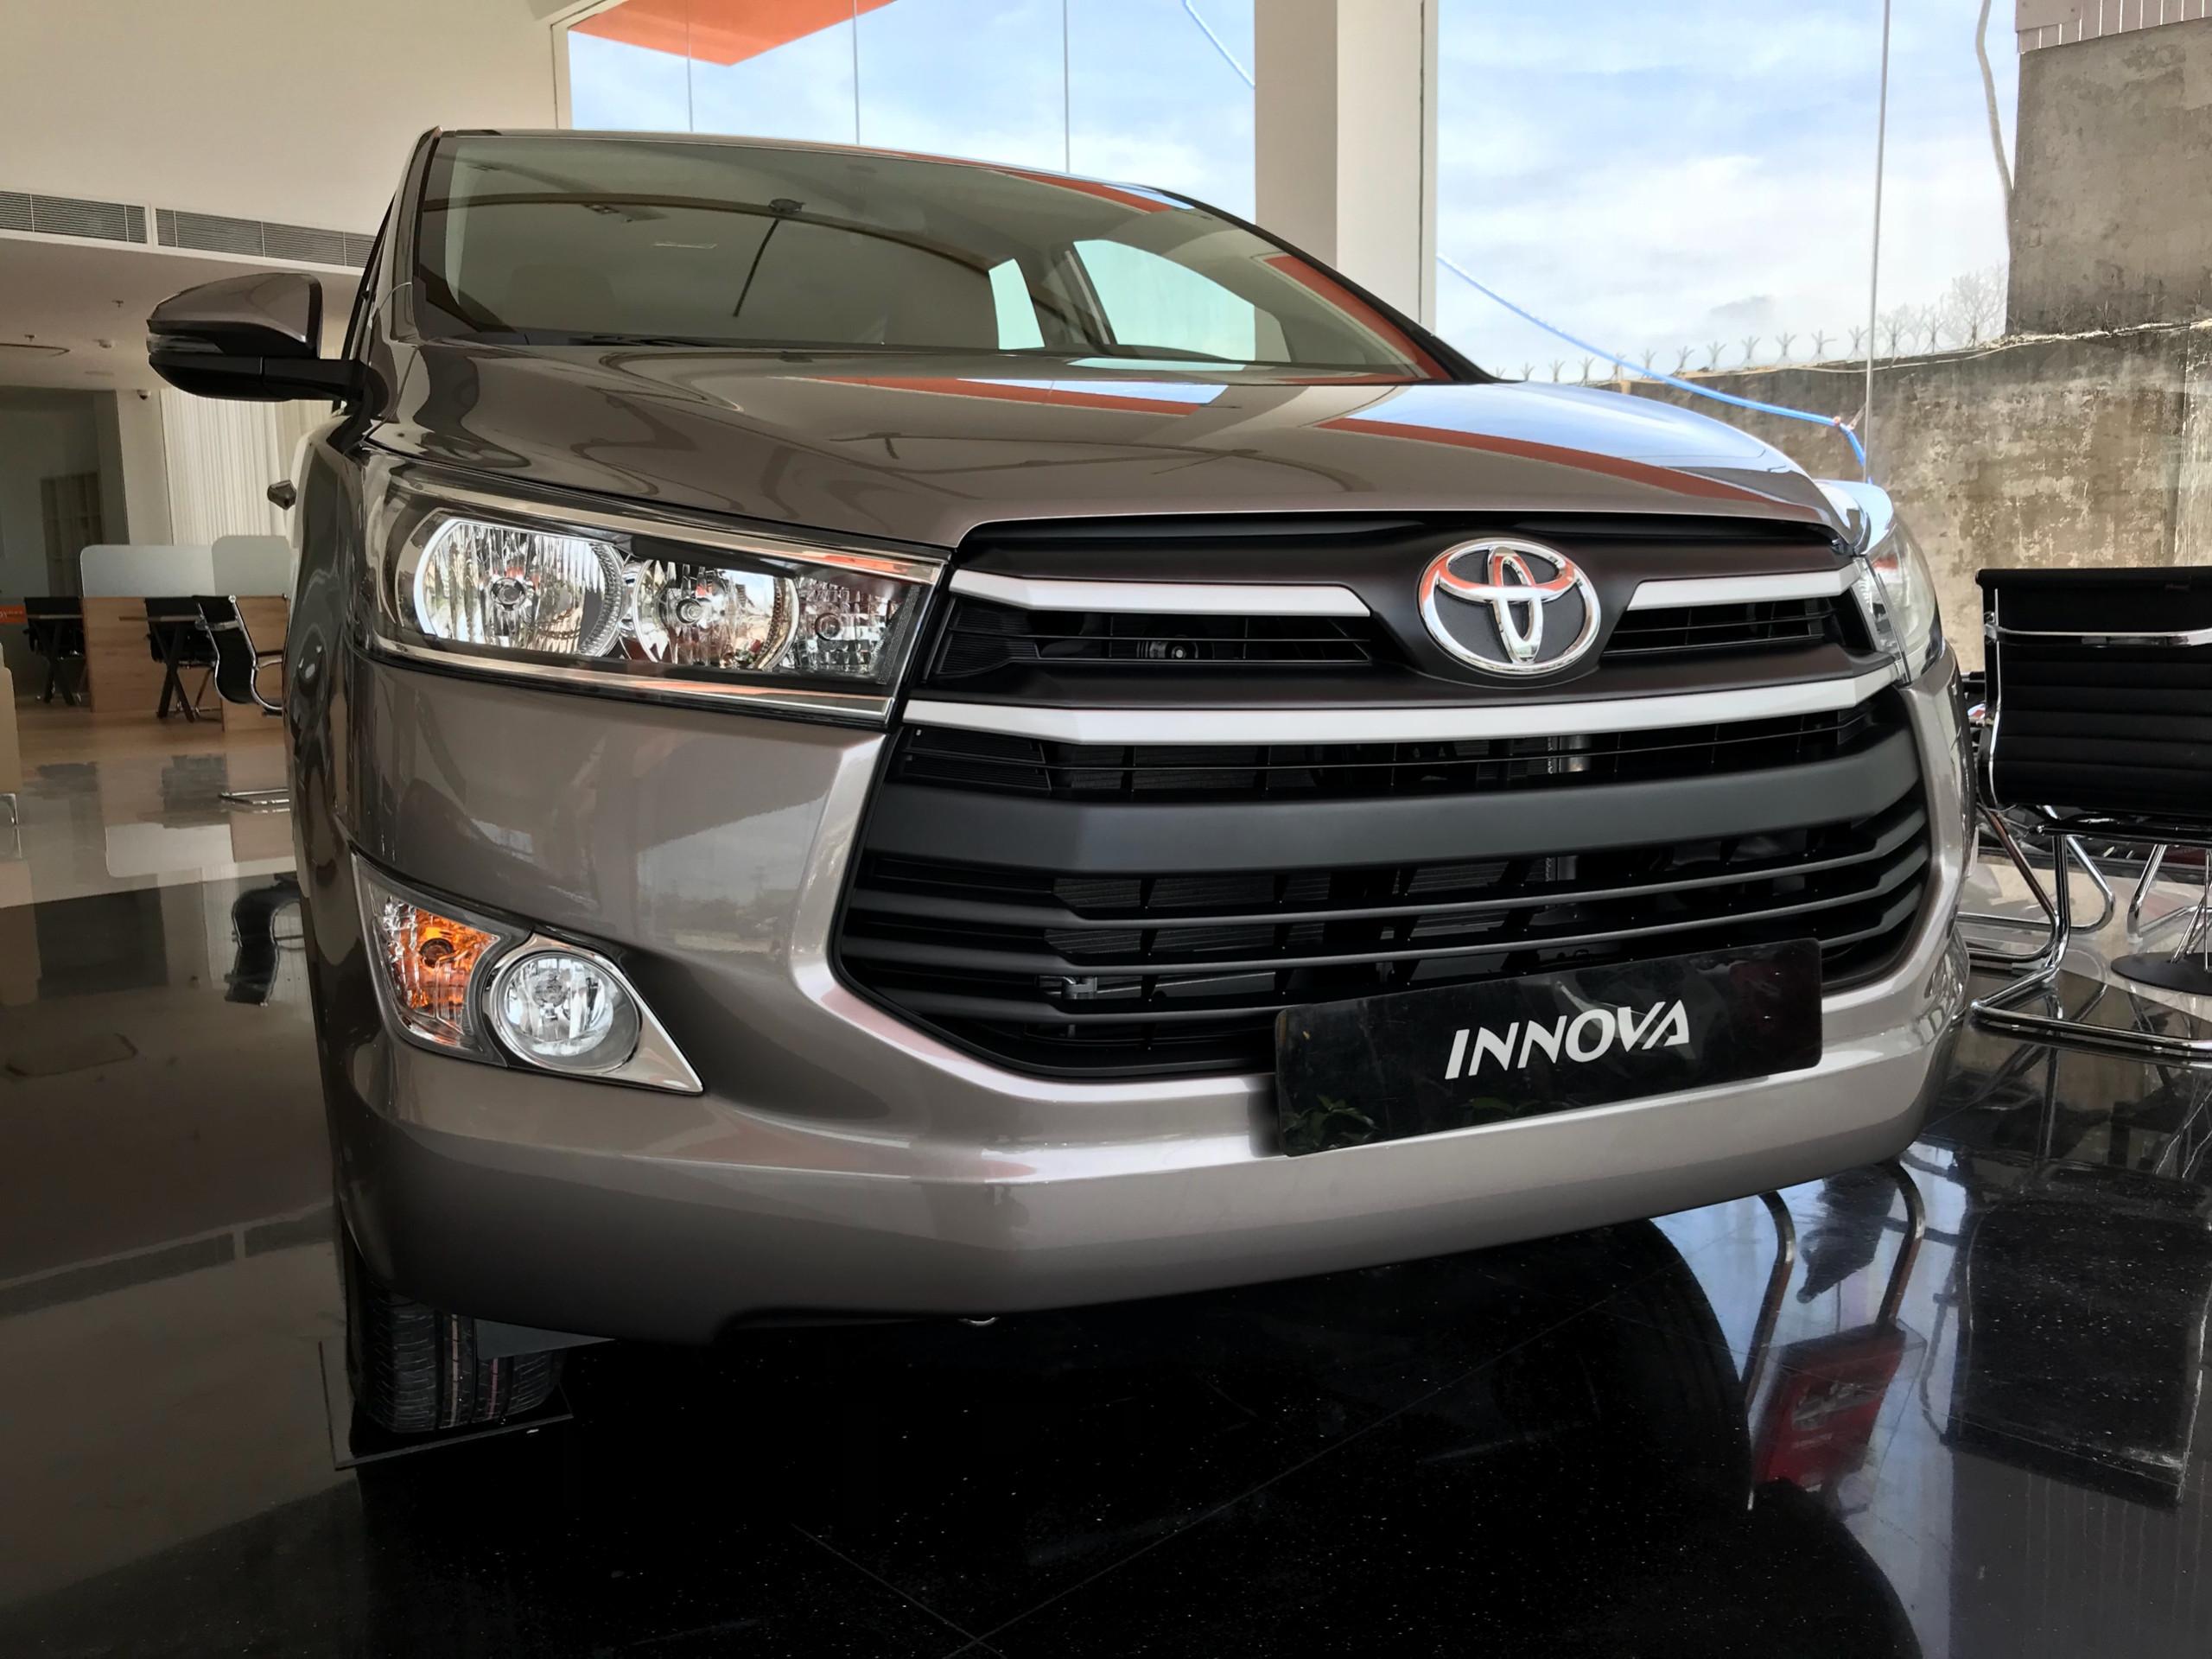 Toyota An Thành Fukushima khuyến mãi tốt khi mua xe Innova 2019, hỗ trợ trả góp, nhận xe ngay trong tuần.